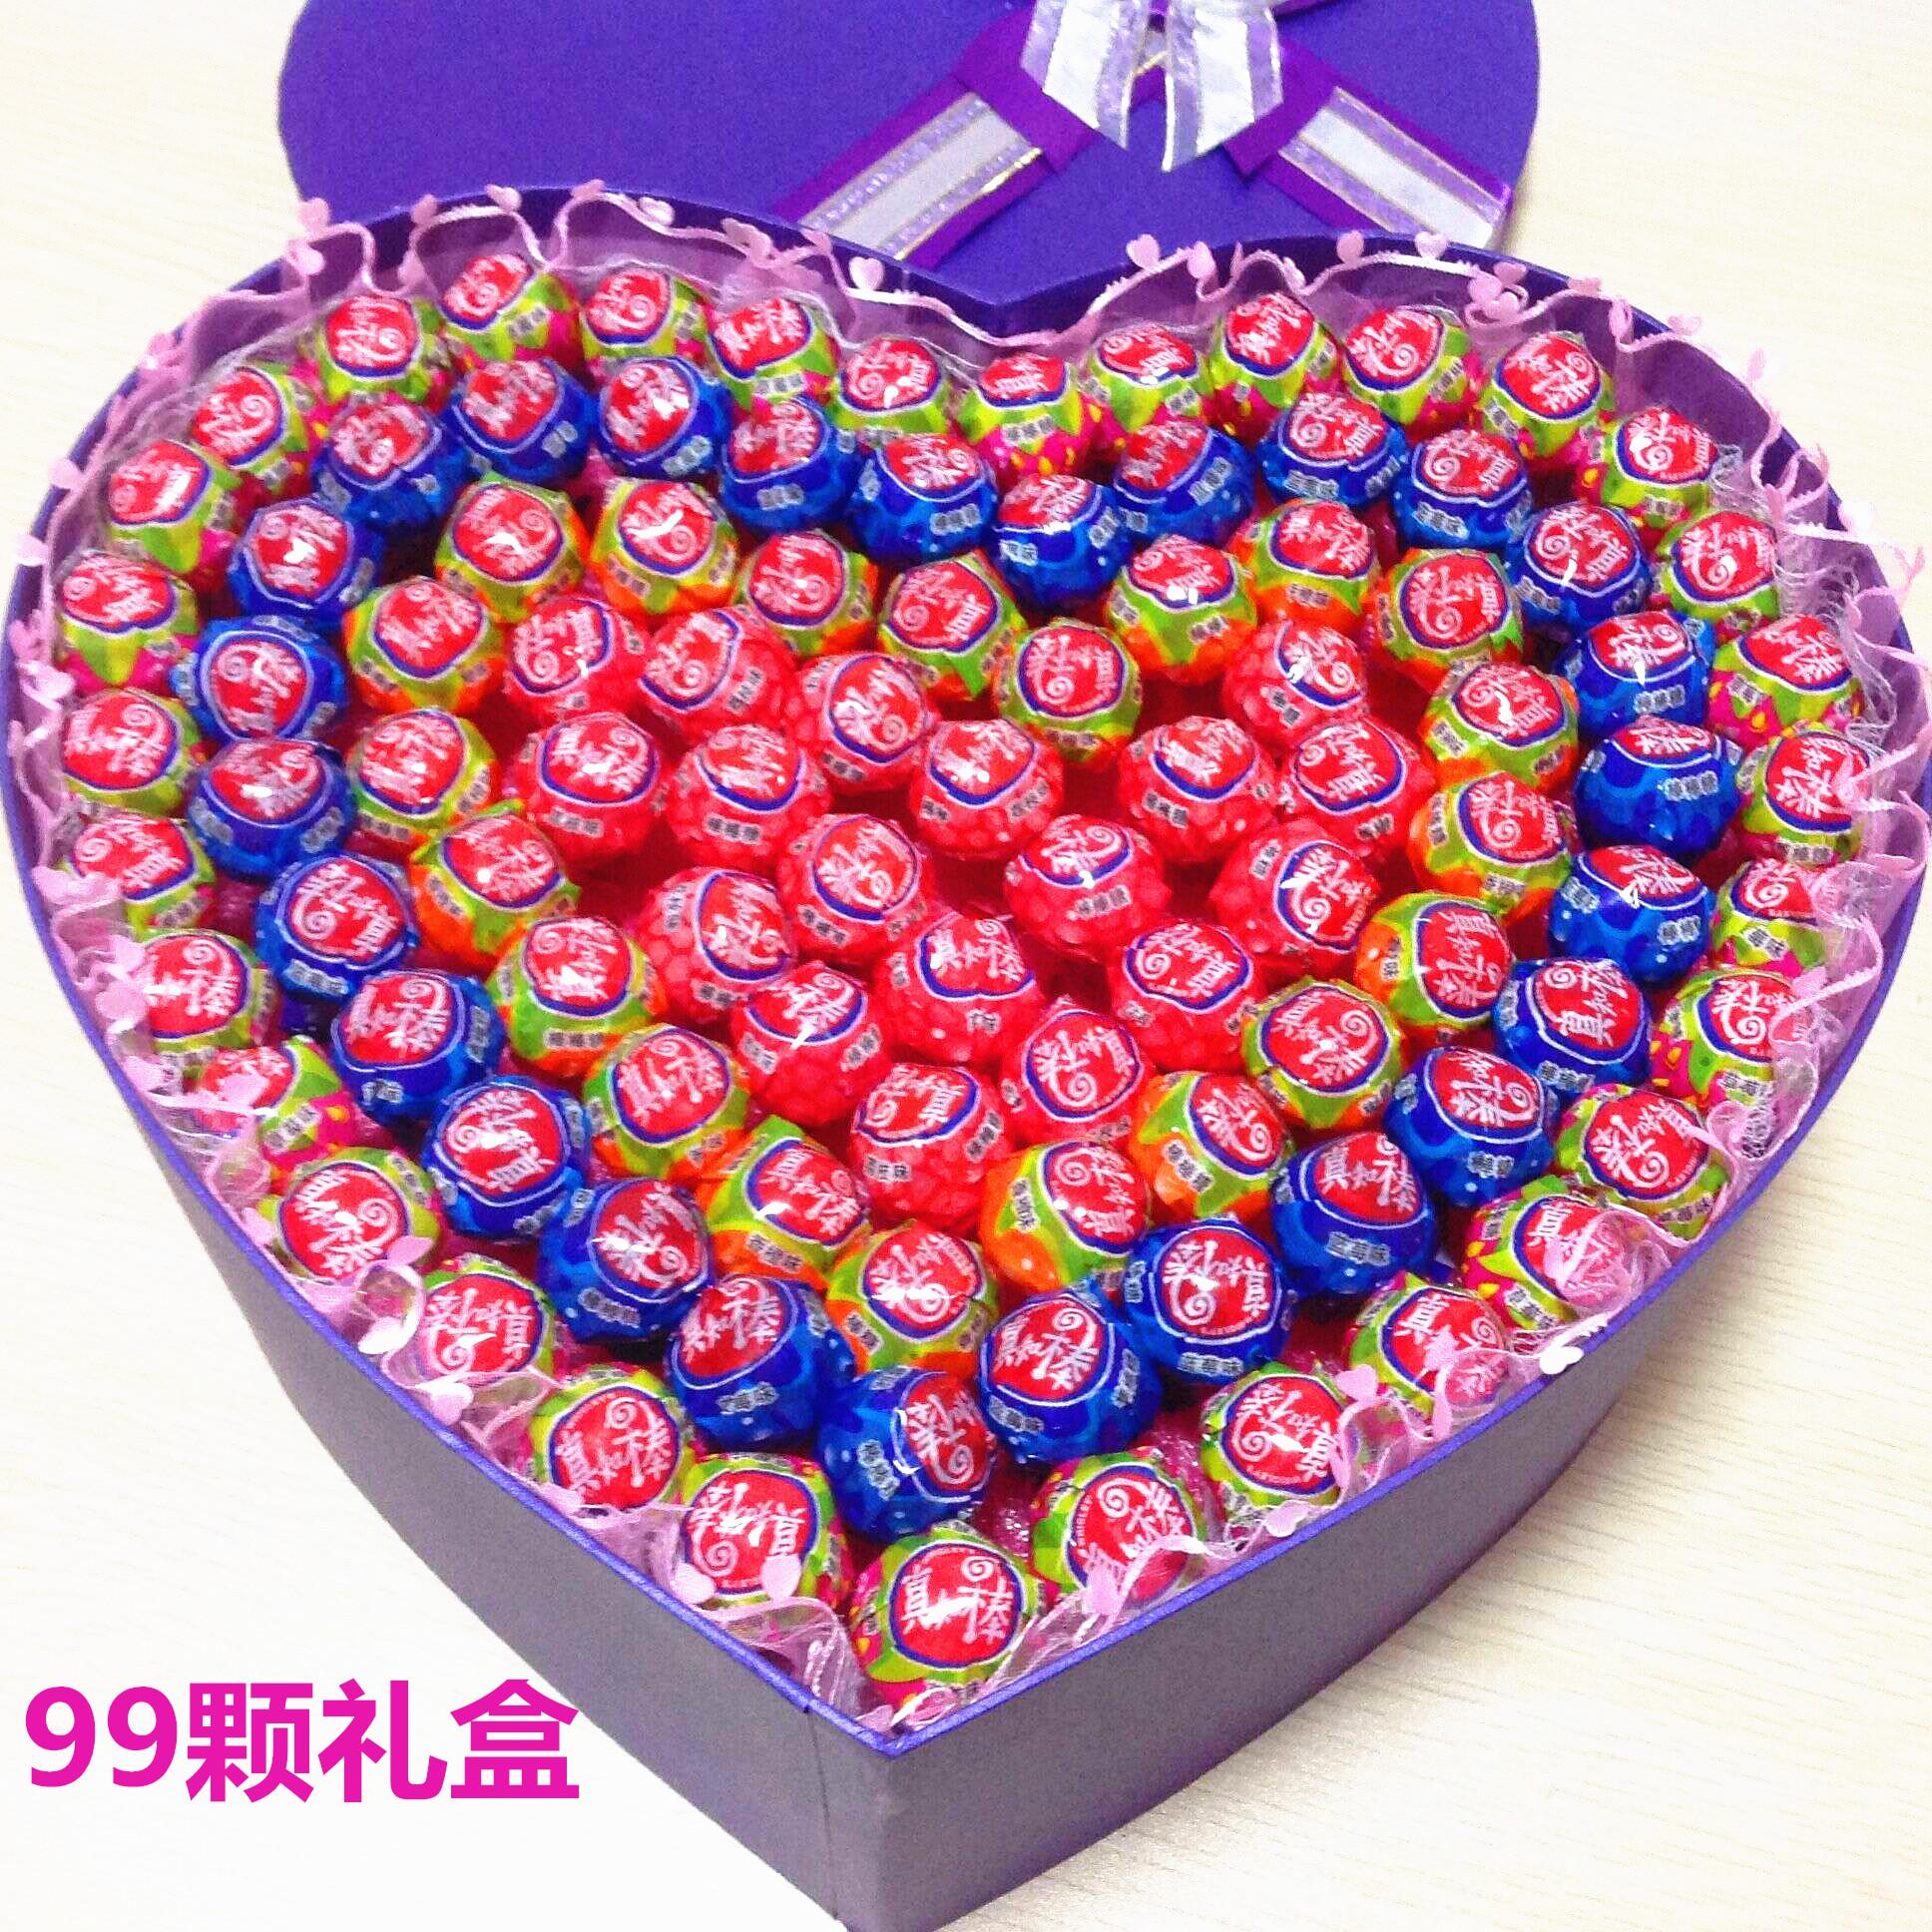 真知棒棒棒糖果99颗草莓荔枝蓝莓香橙味送女友生日情人节网红礼物